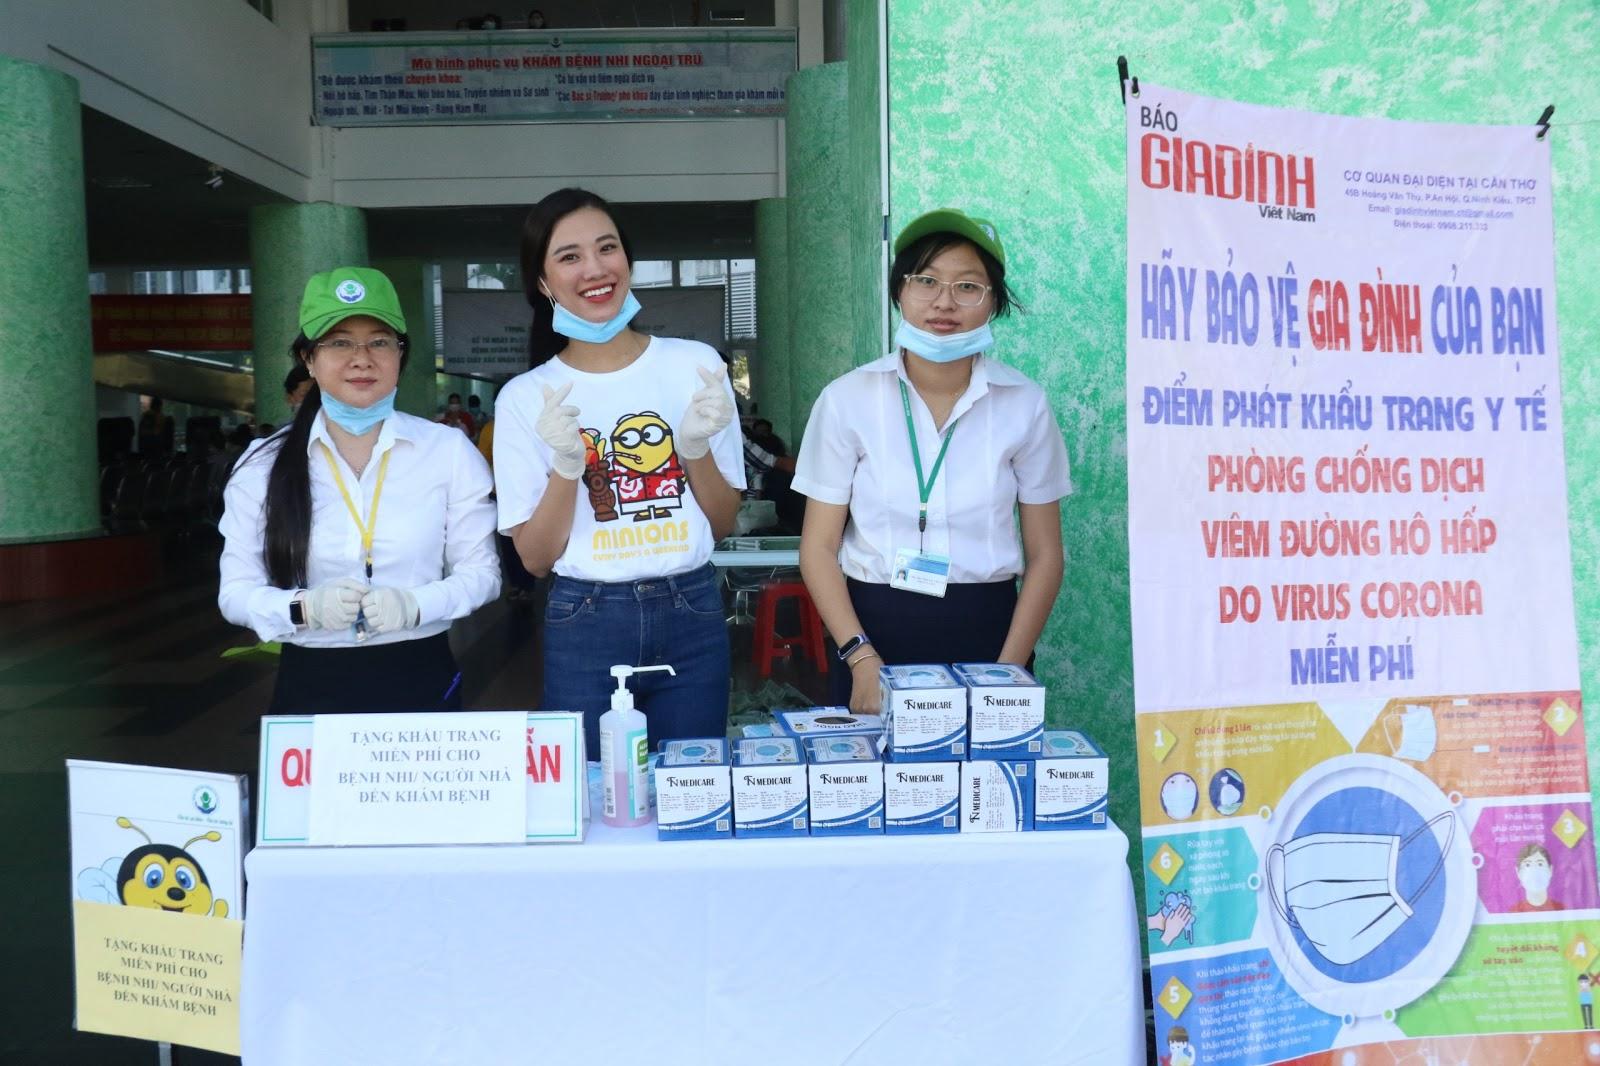 Á hậu Kim Duyên ủng hộ 1 tấn gạo giúp người khiếm thị Tây Ninh - Hình 4